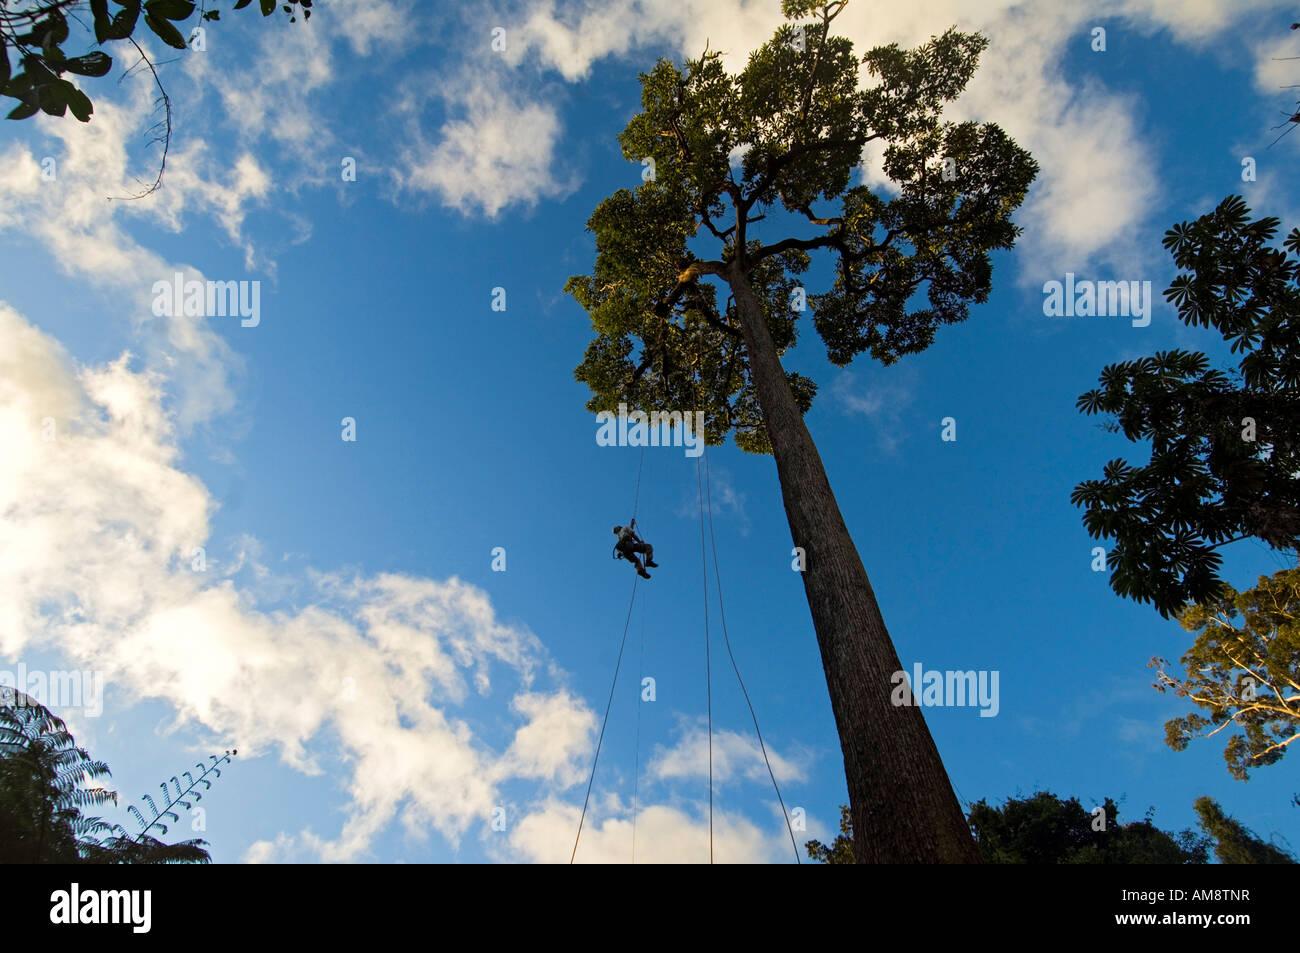 Tree climbing at Abra144 Amazonian ecovillage - Stock Image